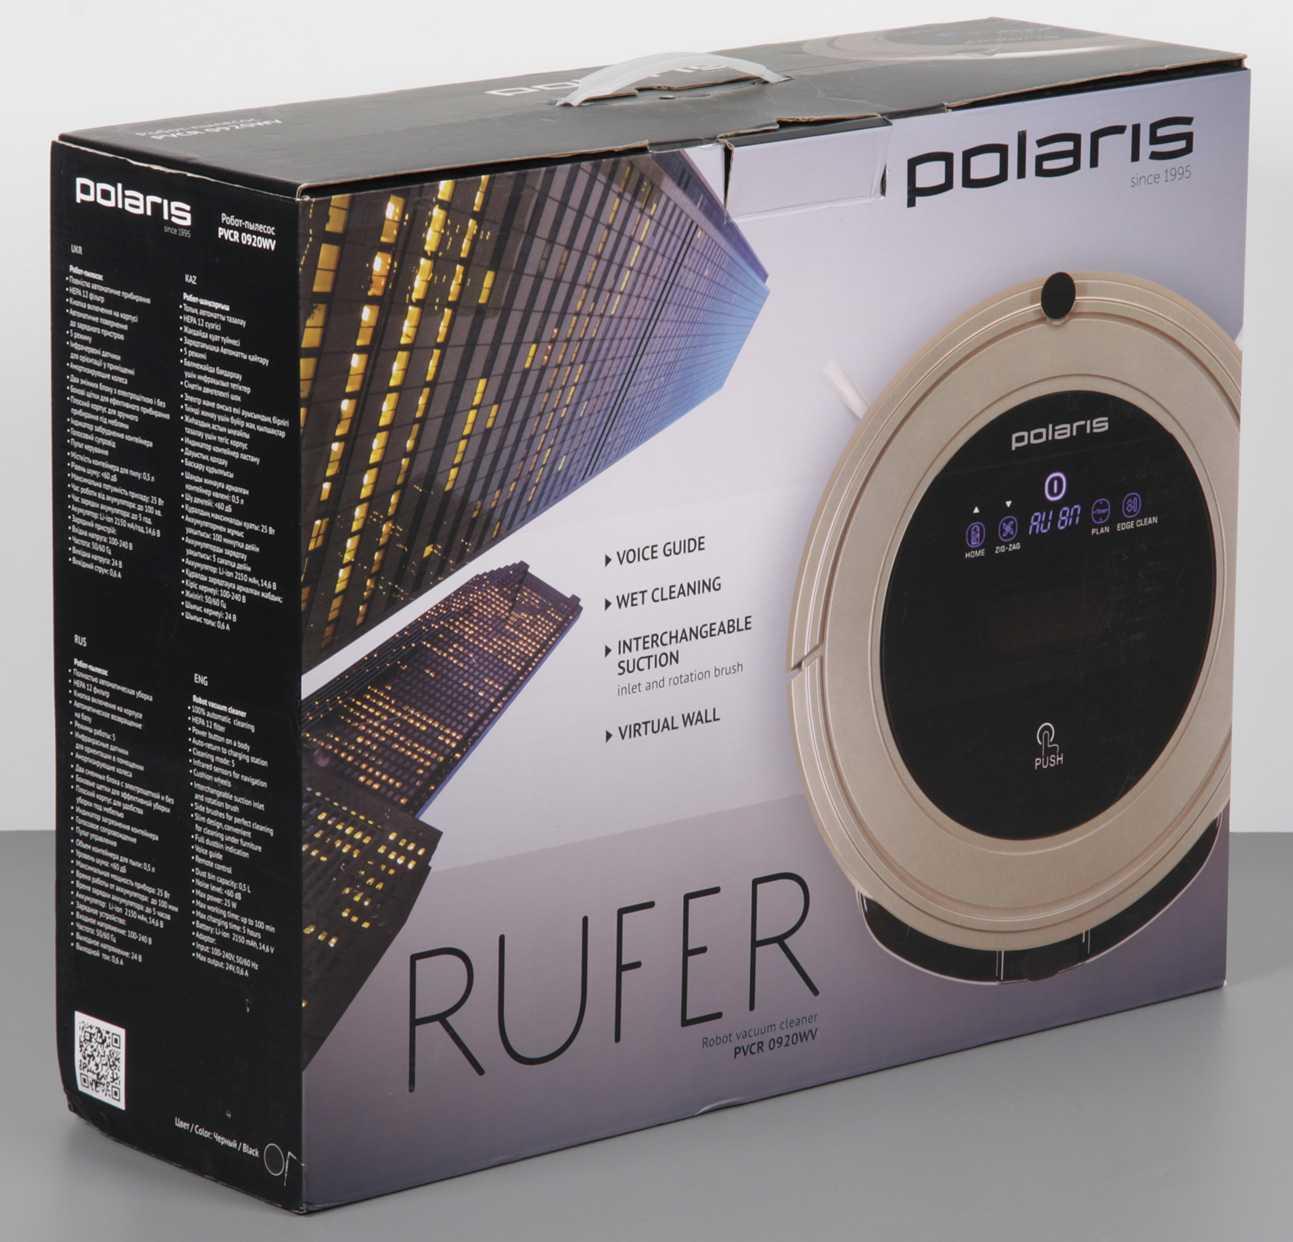 Состоялась презентация нового робота-пылесоса PVCR 0920WV Rufer